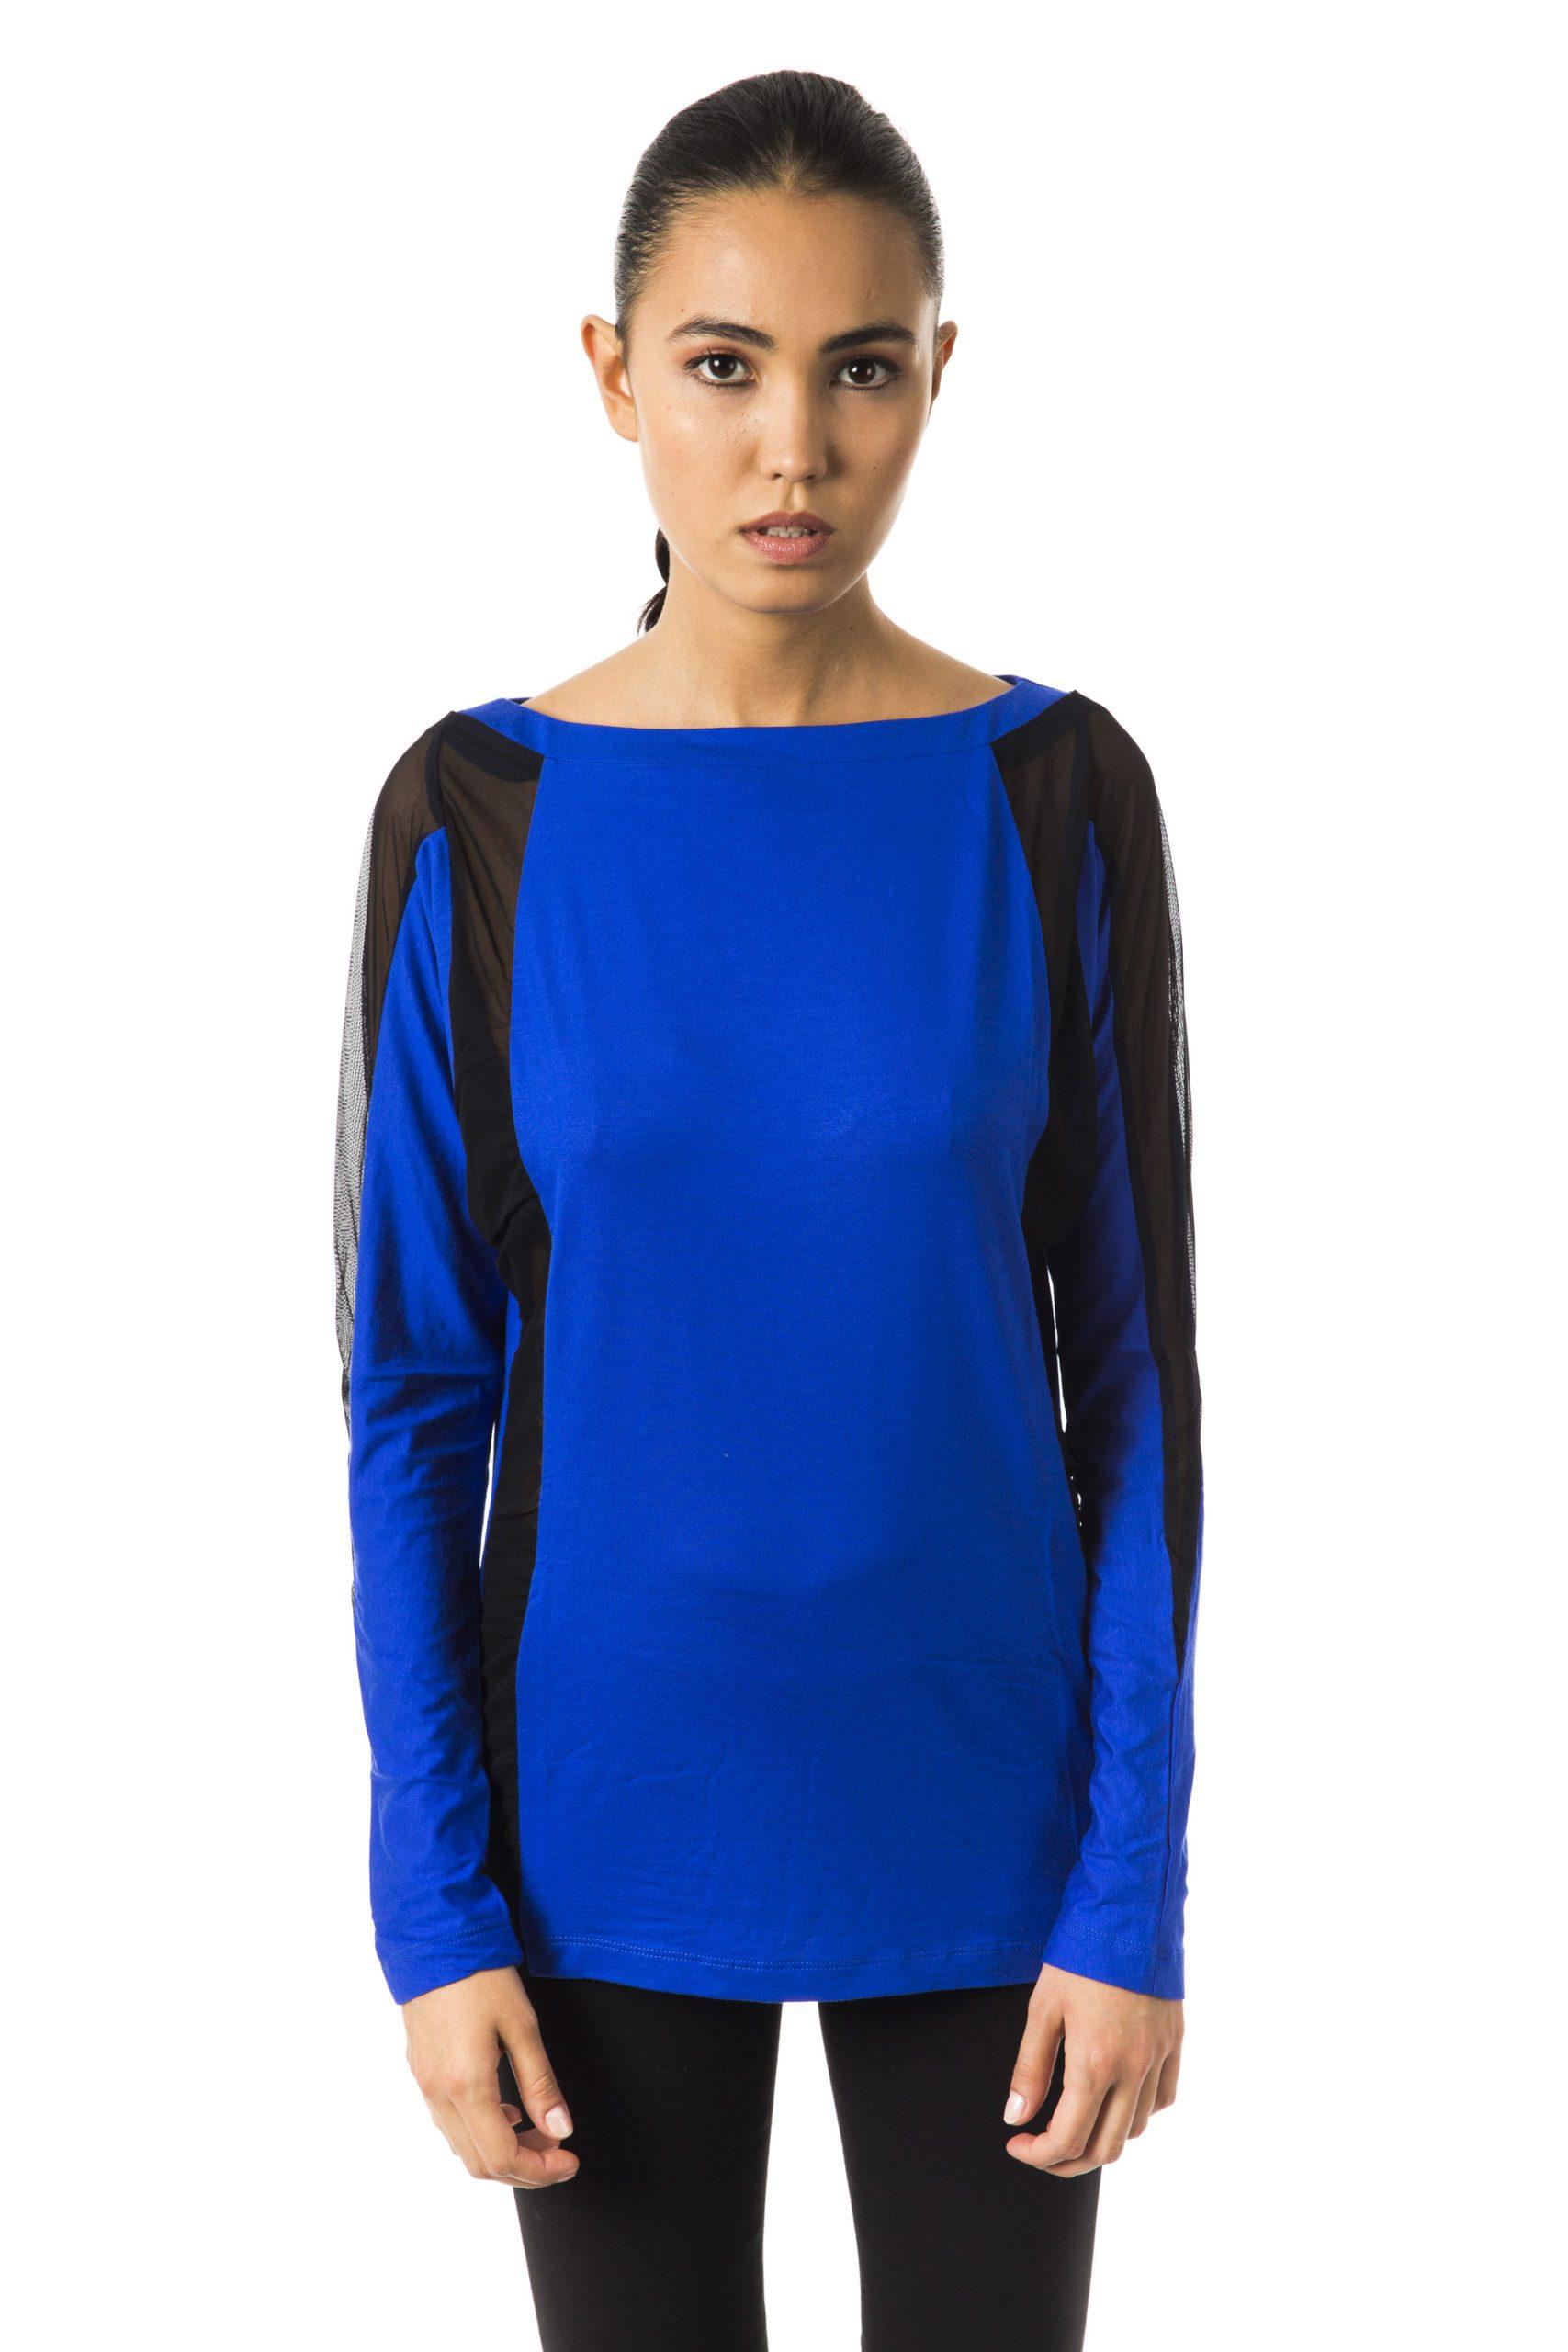 BYBLOS Women's Bluastrale T-Shirt Blue BY1234701 - S